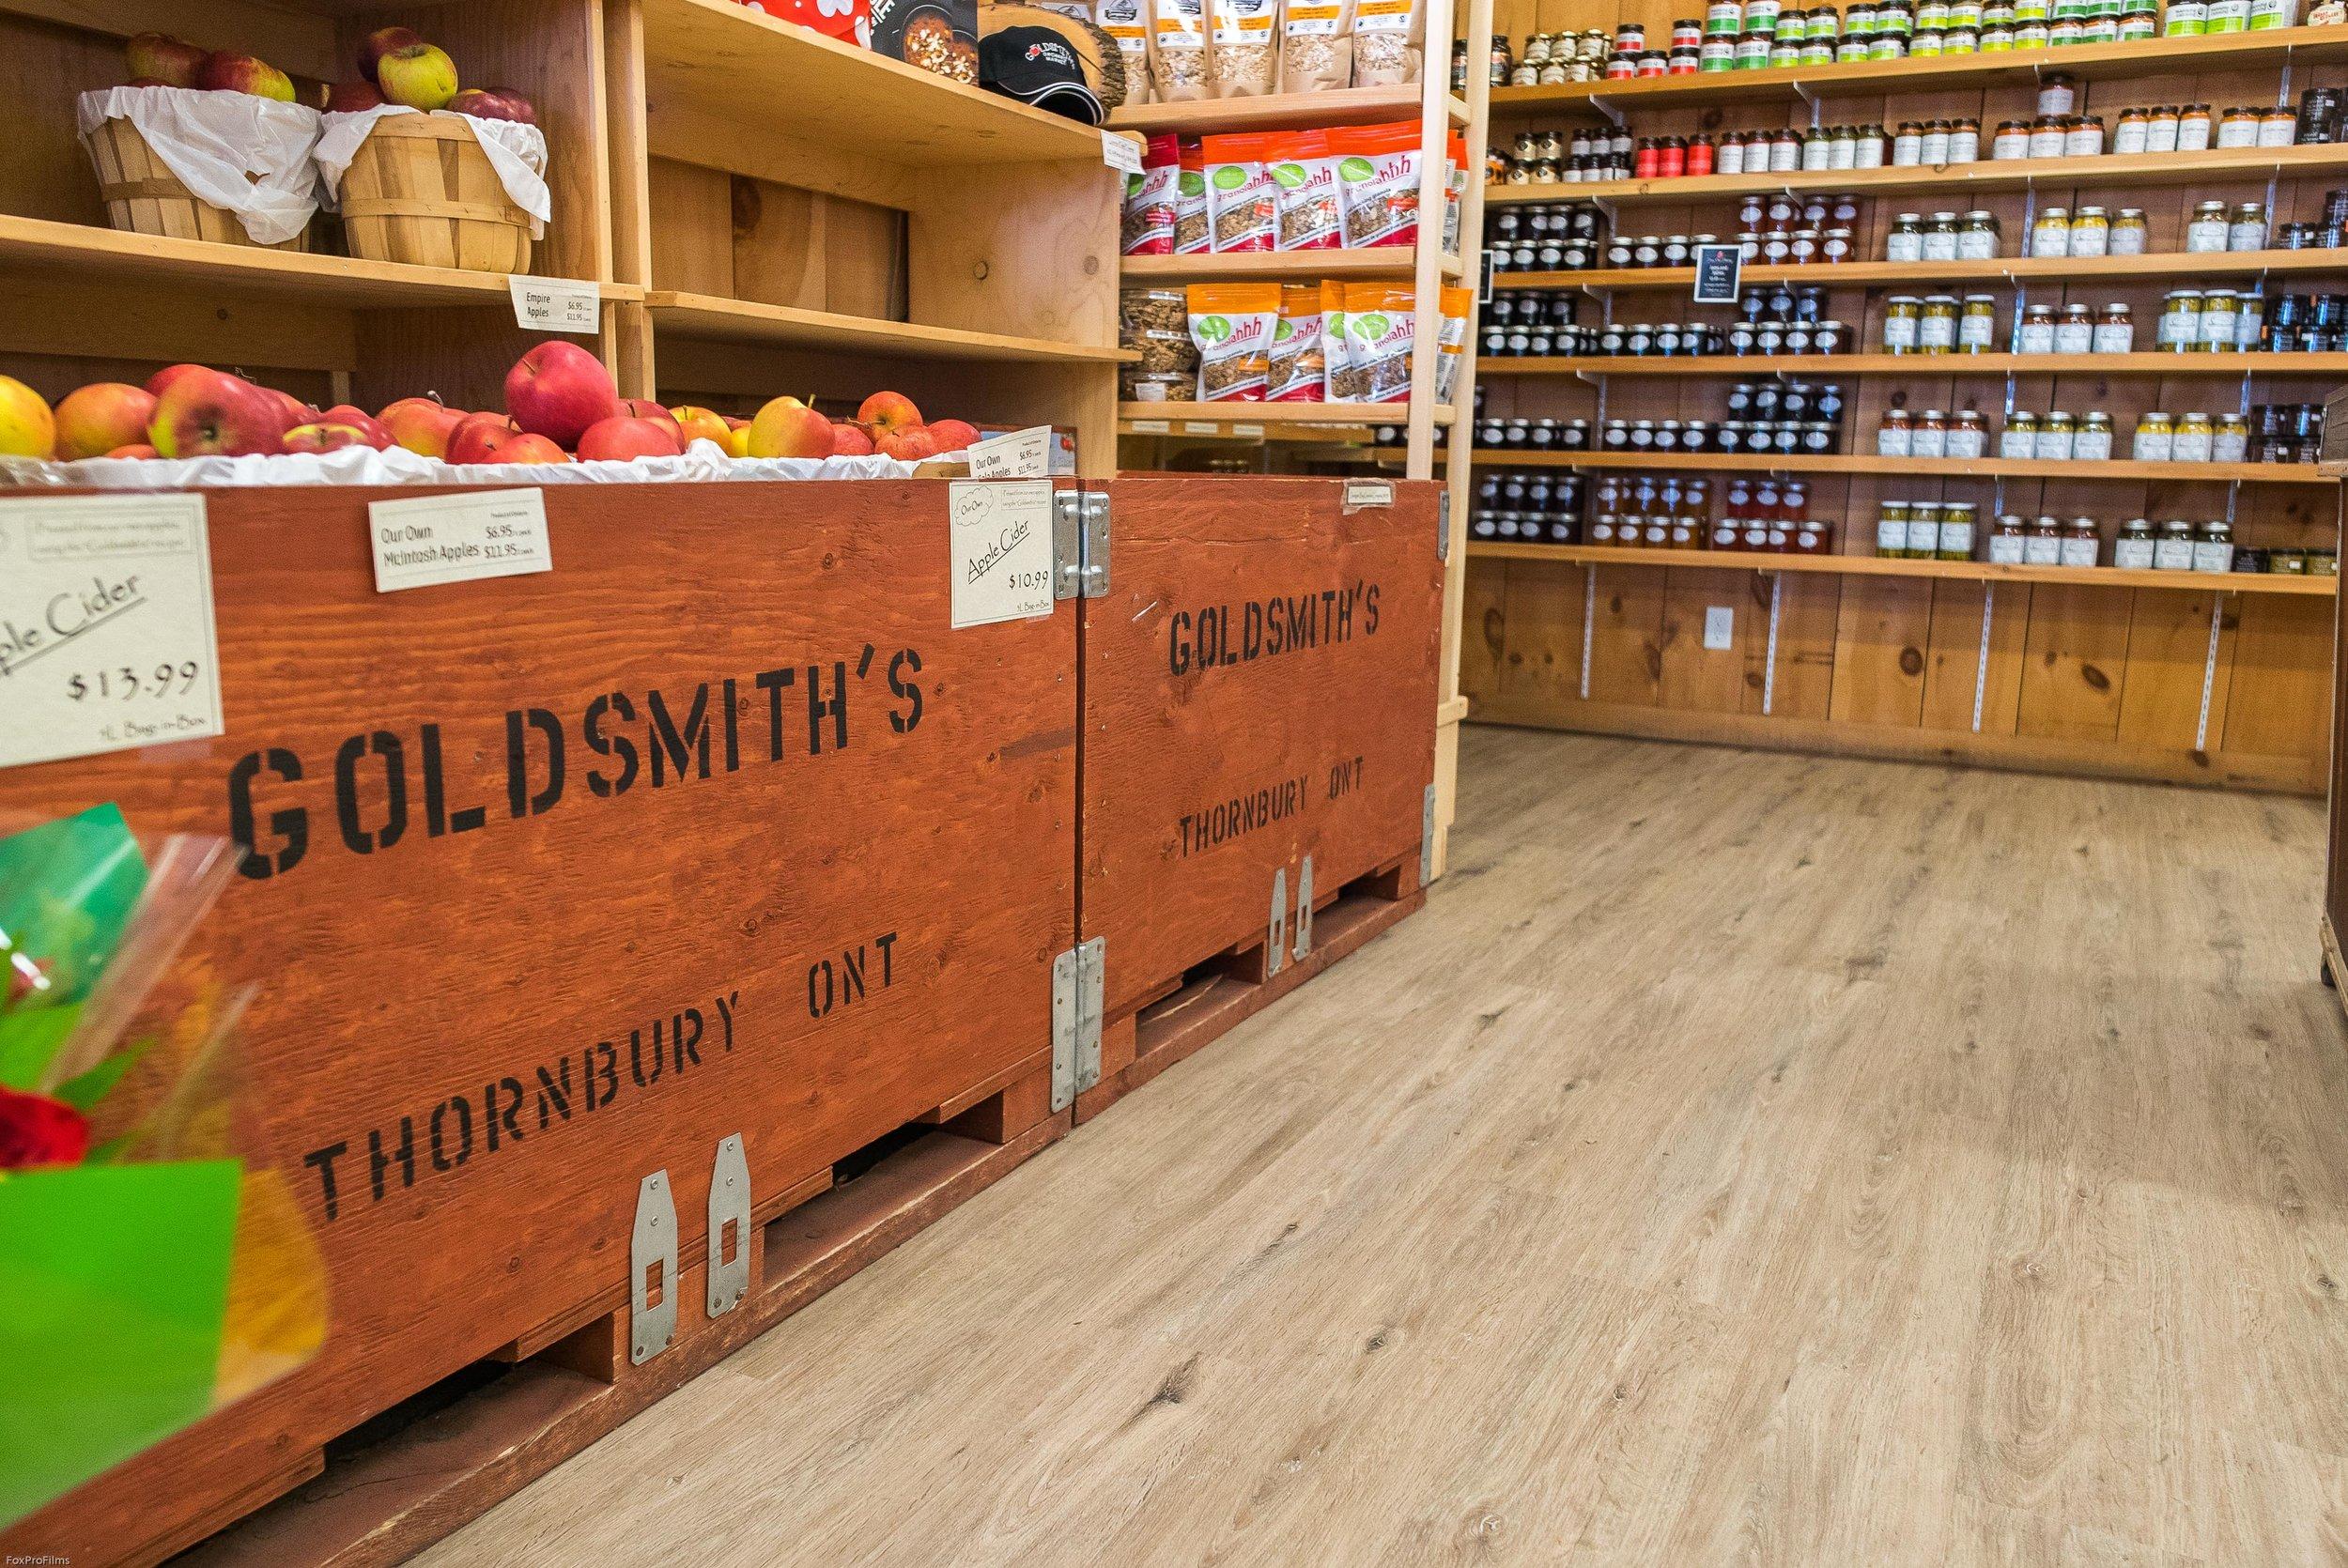 18.03-Goldsmith-Bakery-BVO-6582.jpg